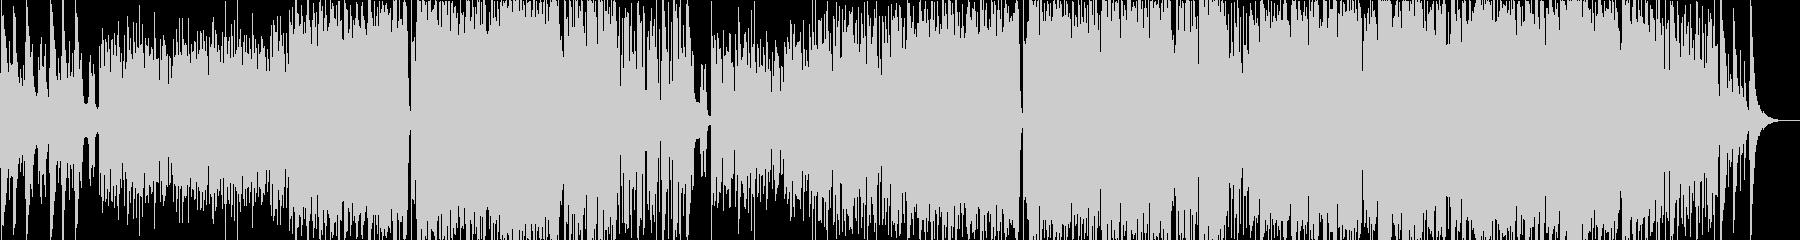 オーケストラ風の感動的バラードインストの未再生の波形